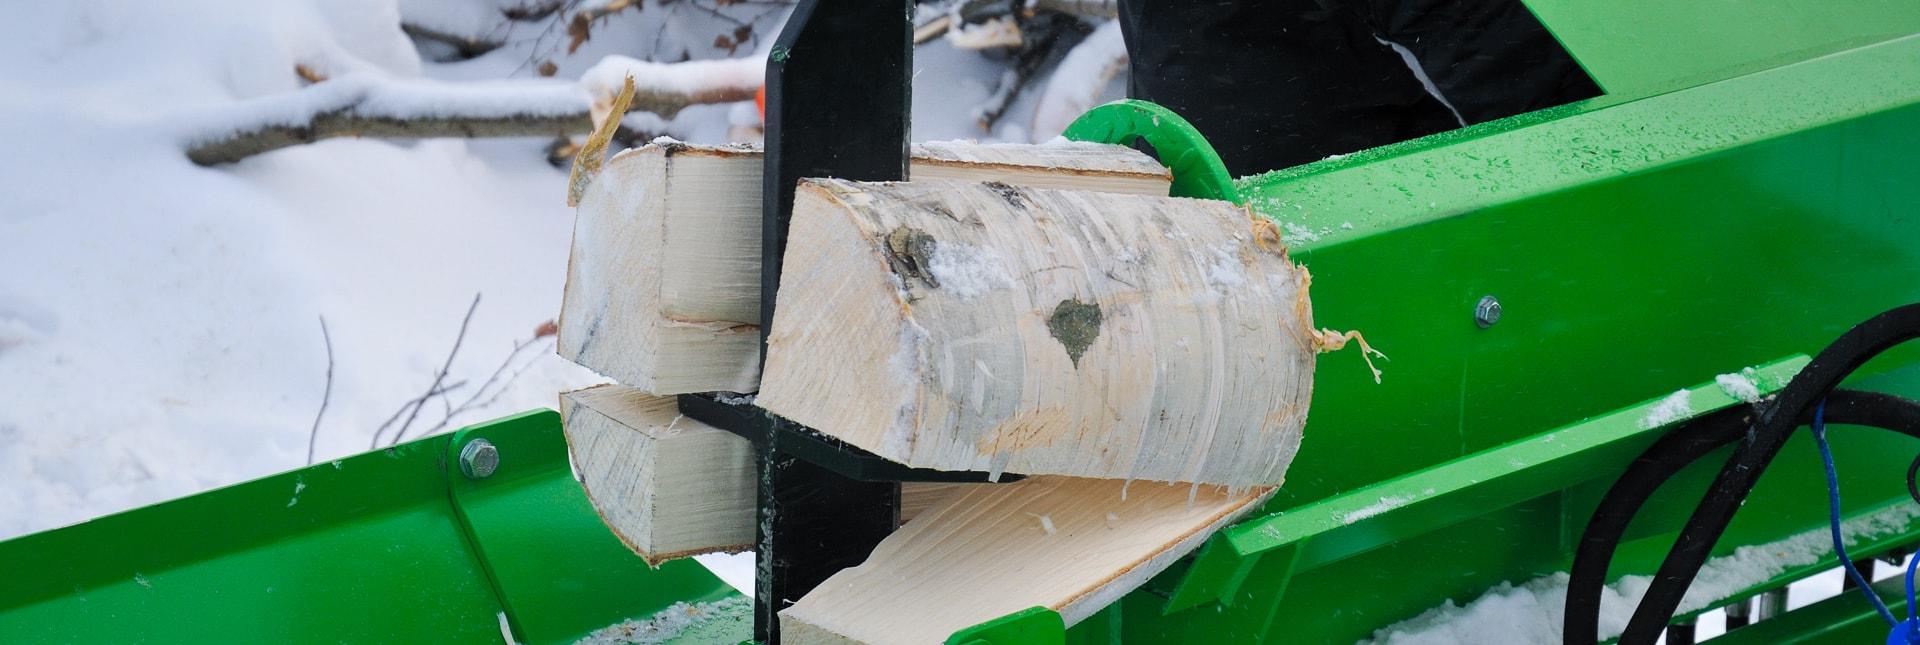 Arbejdsbillede af brændekløver fastmonteret på en AVANT minilæsser